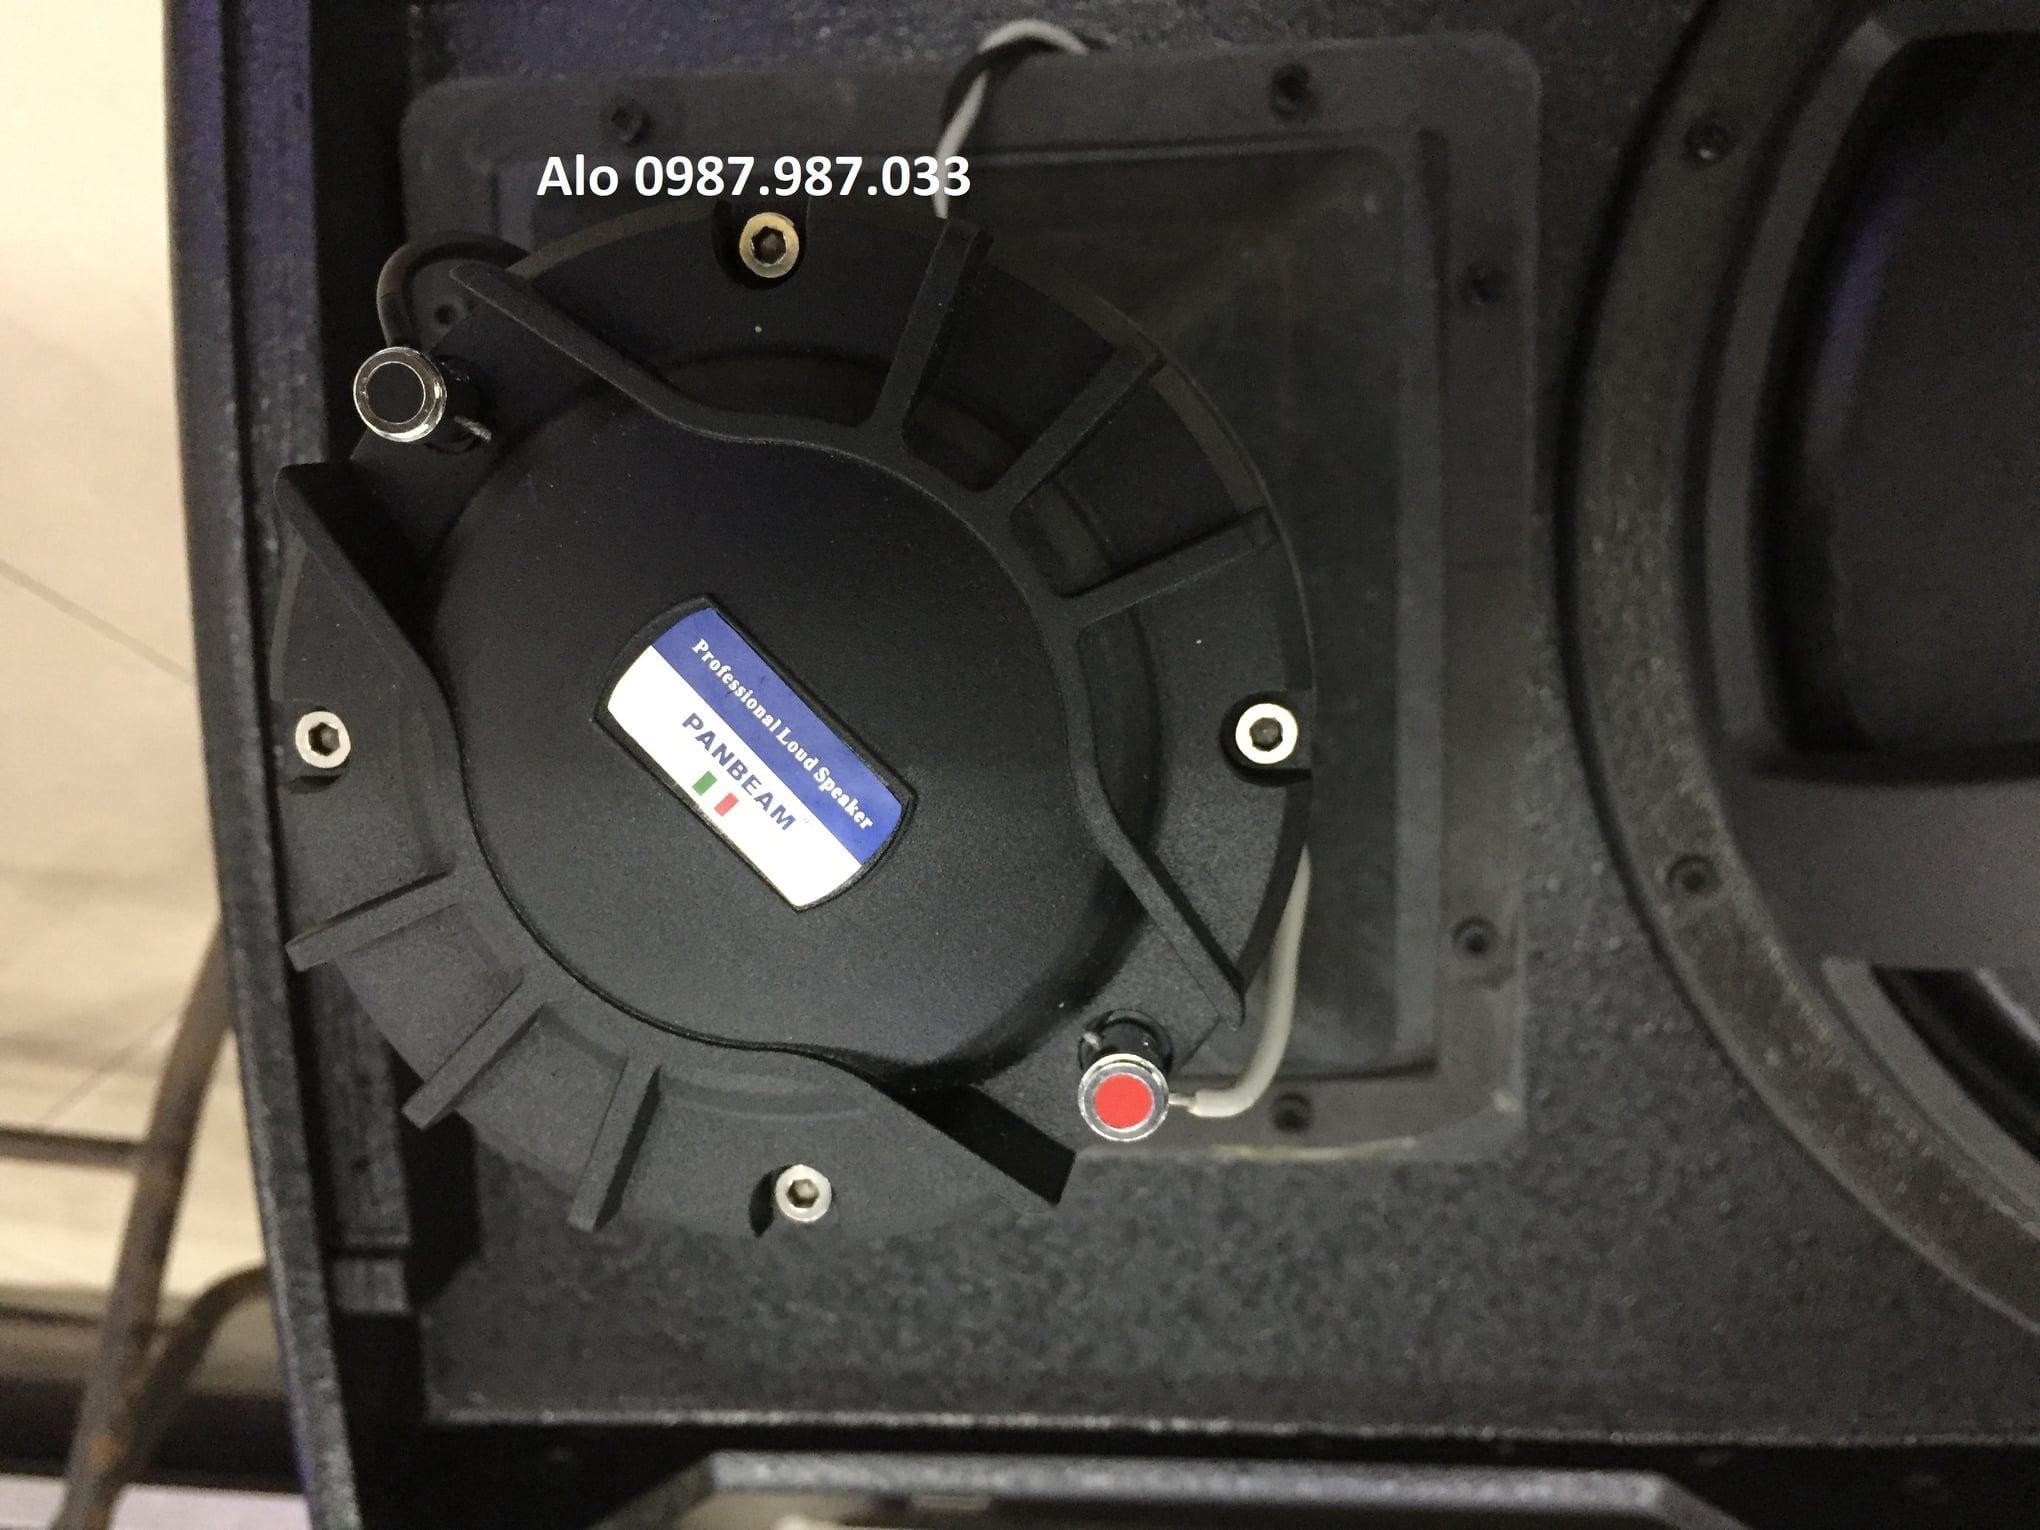 Seer Audio Q Series